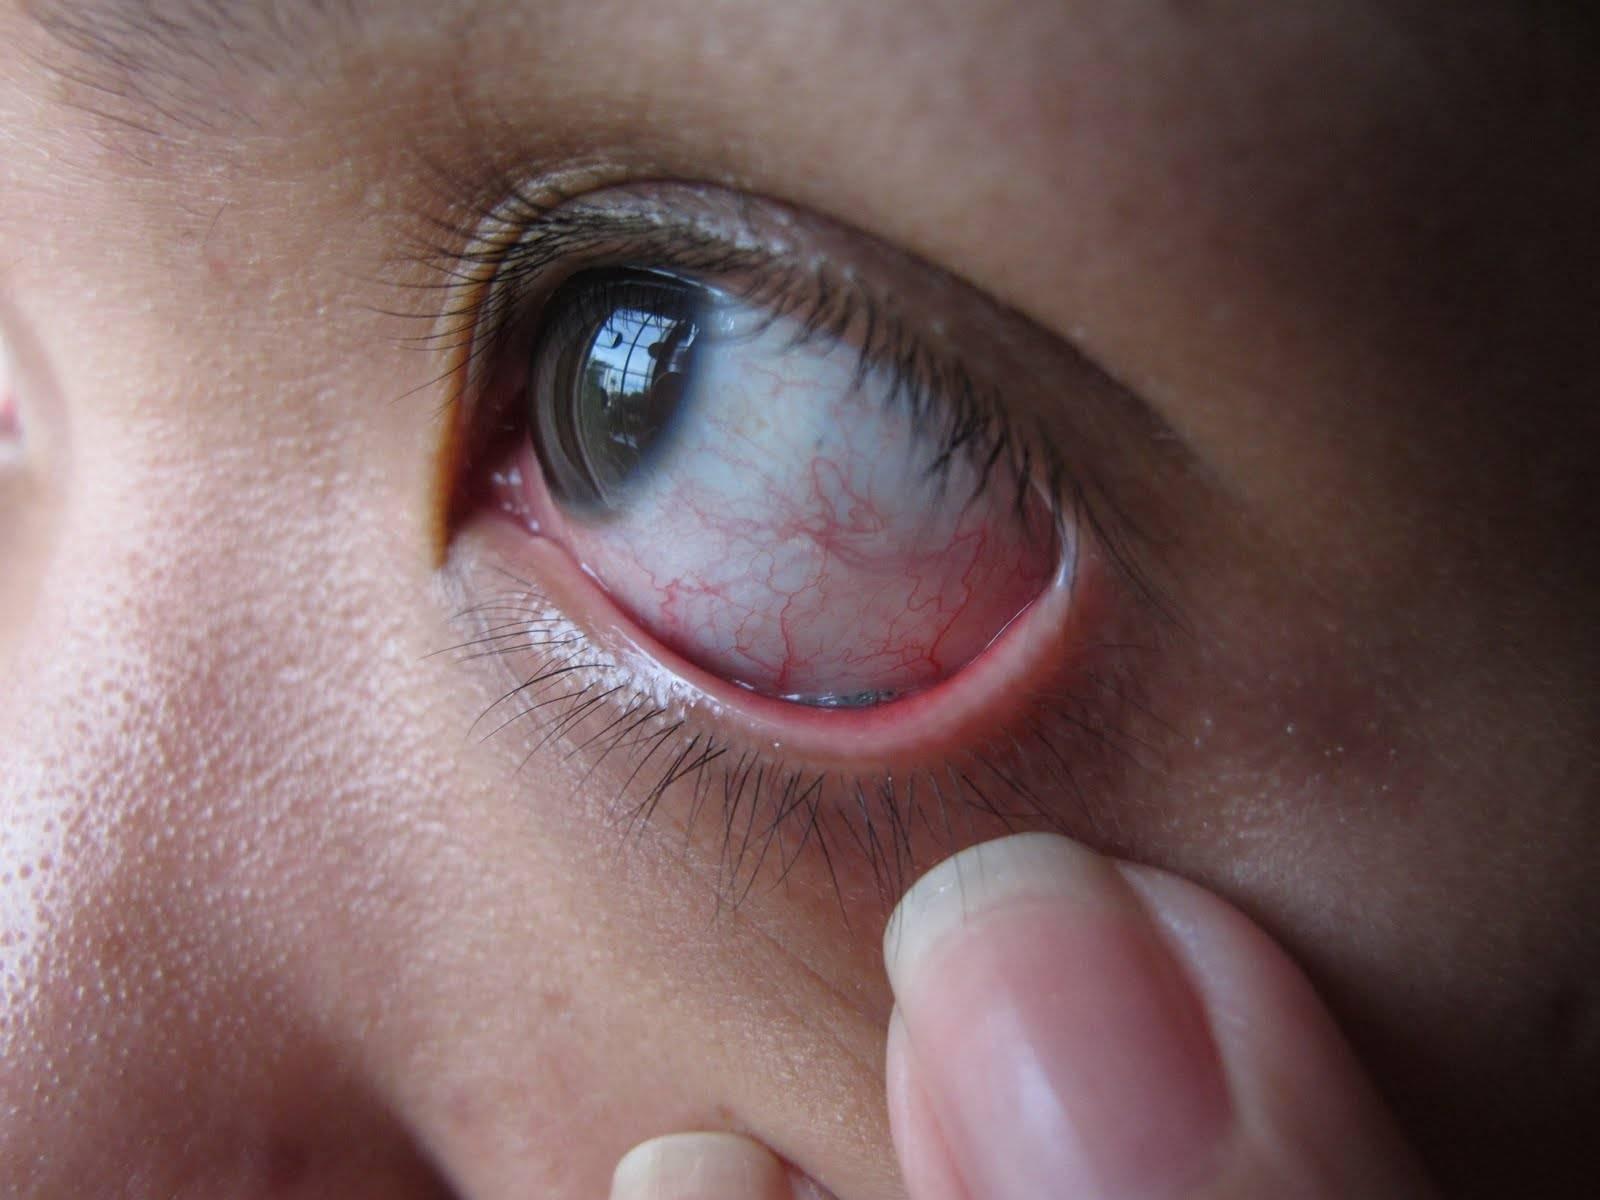 """Ощущение инородного тела в глазу: симптомы, болезни и методы лечения - """"здоровое око"""""""